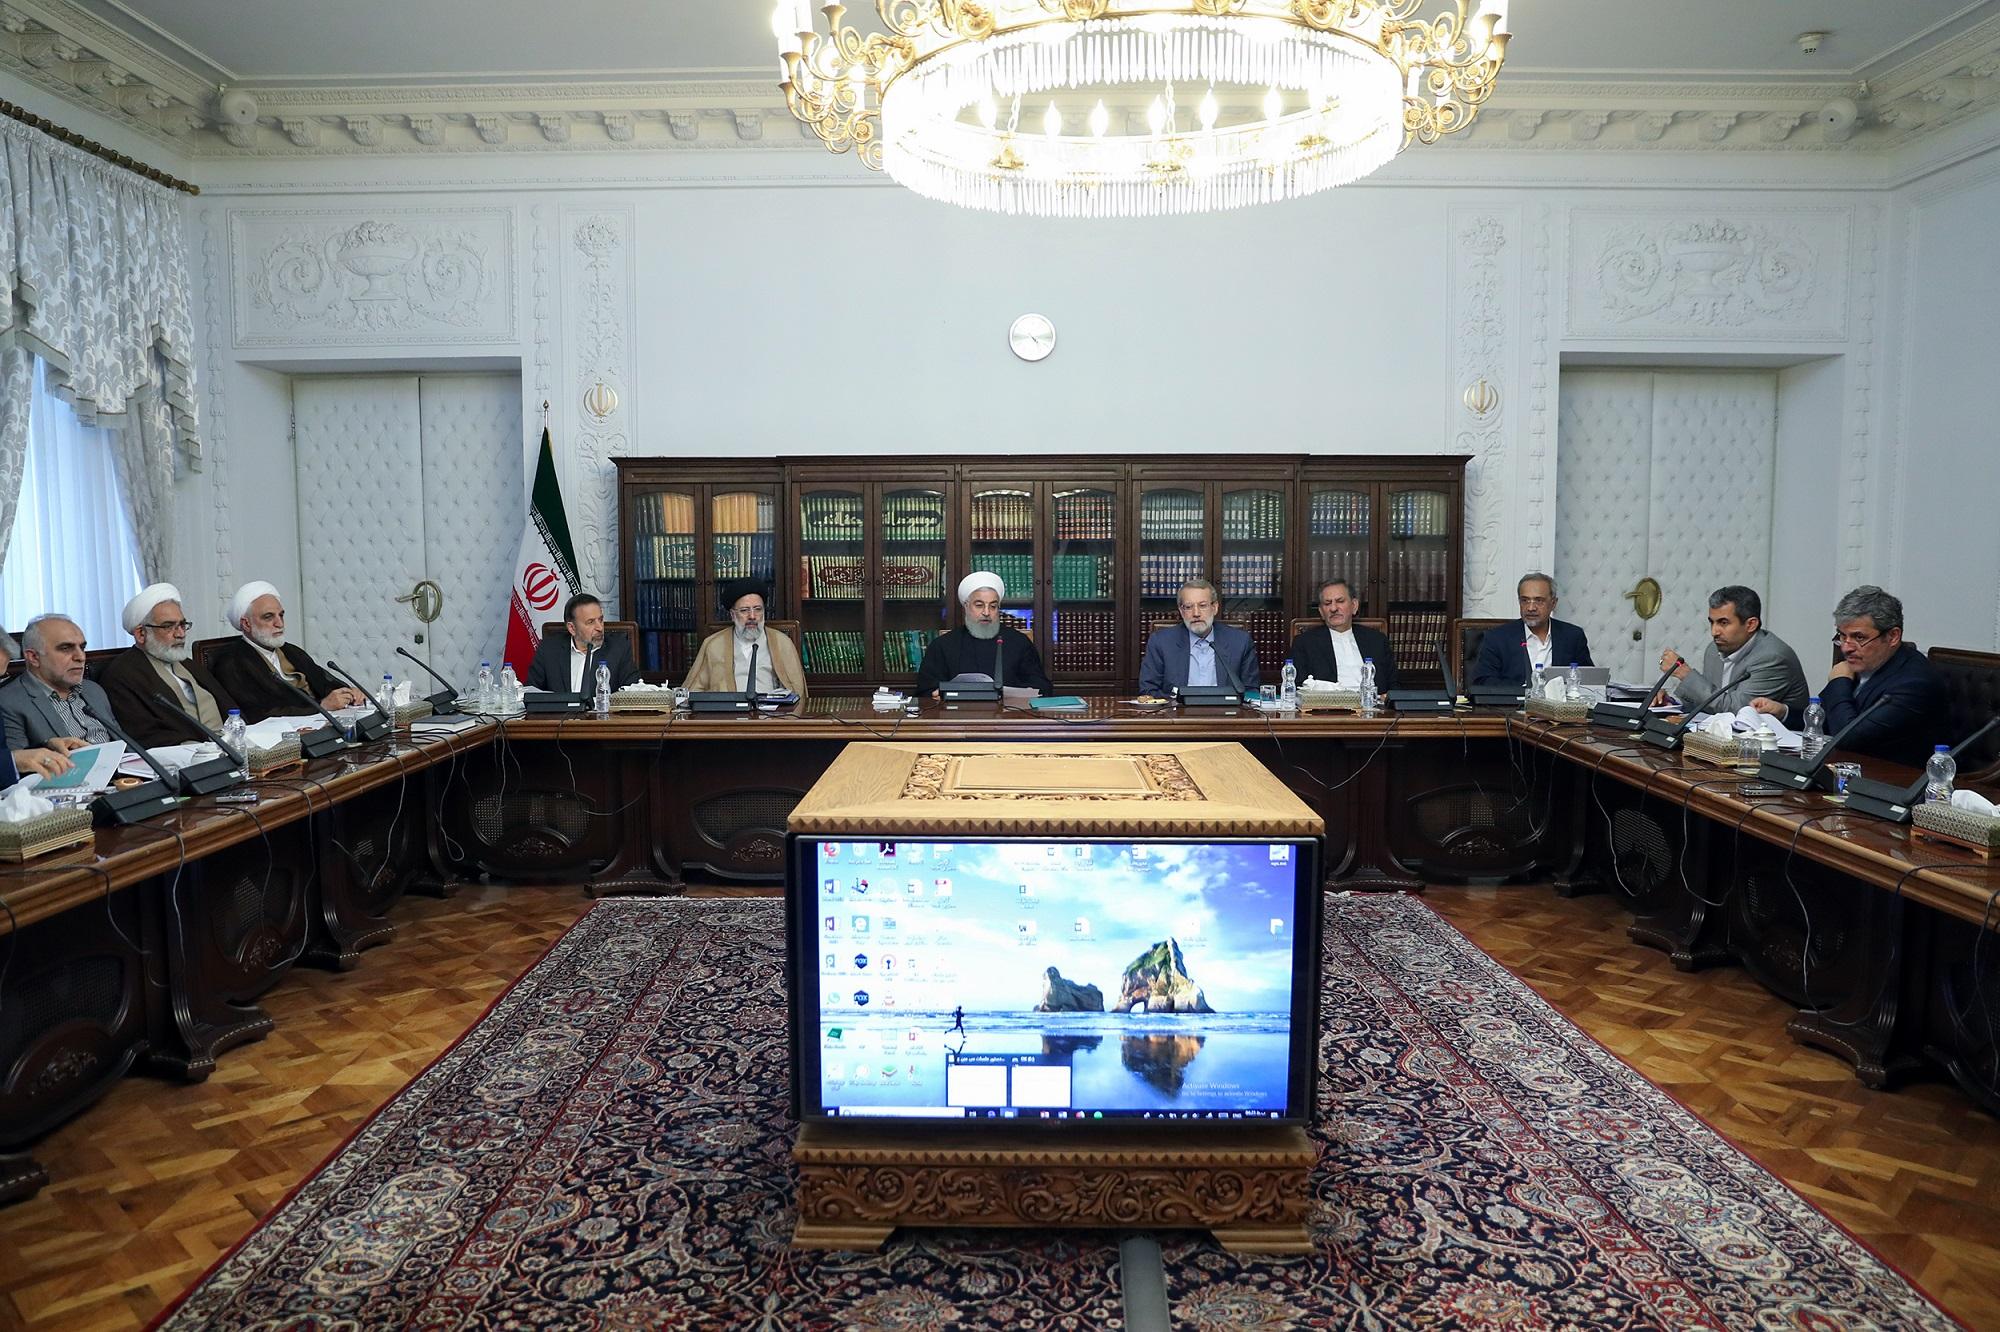 شورای عالی هماهنگی اقتصادی با حضور سران قوا تشکیل شد